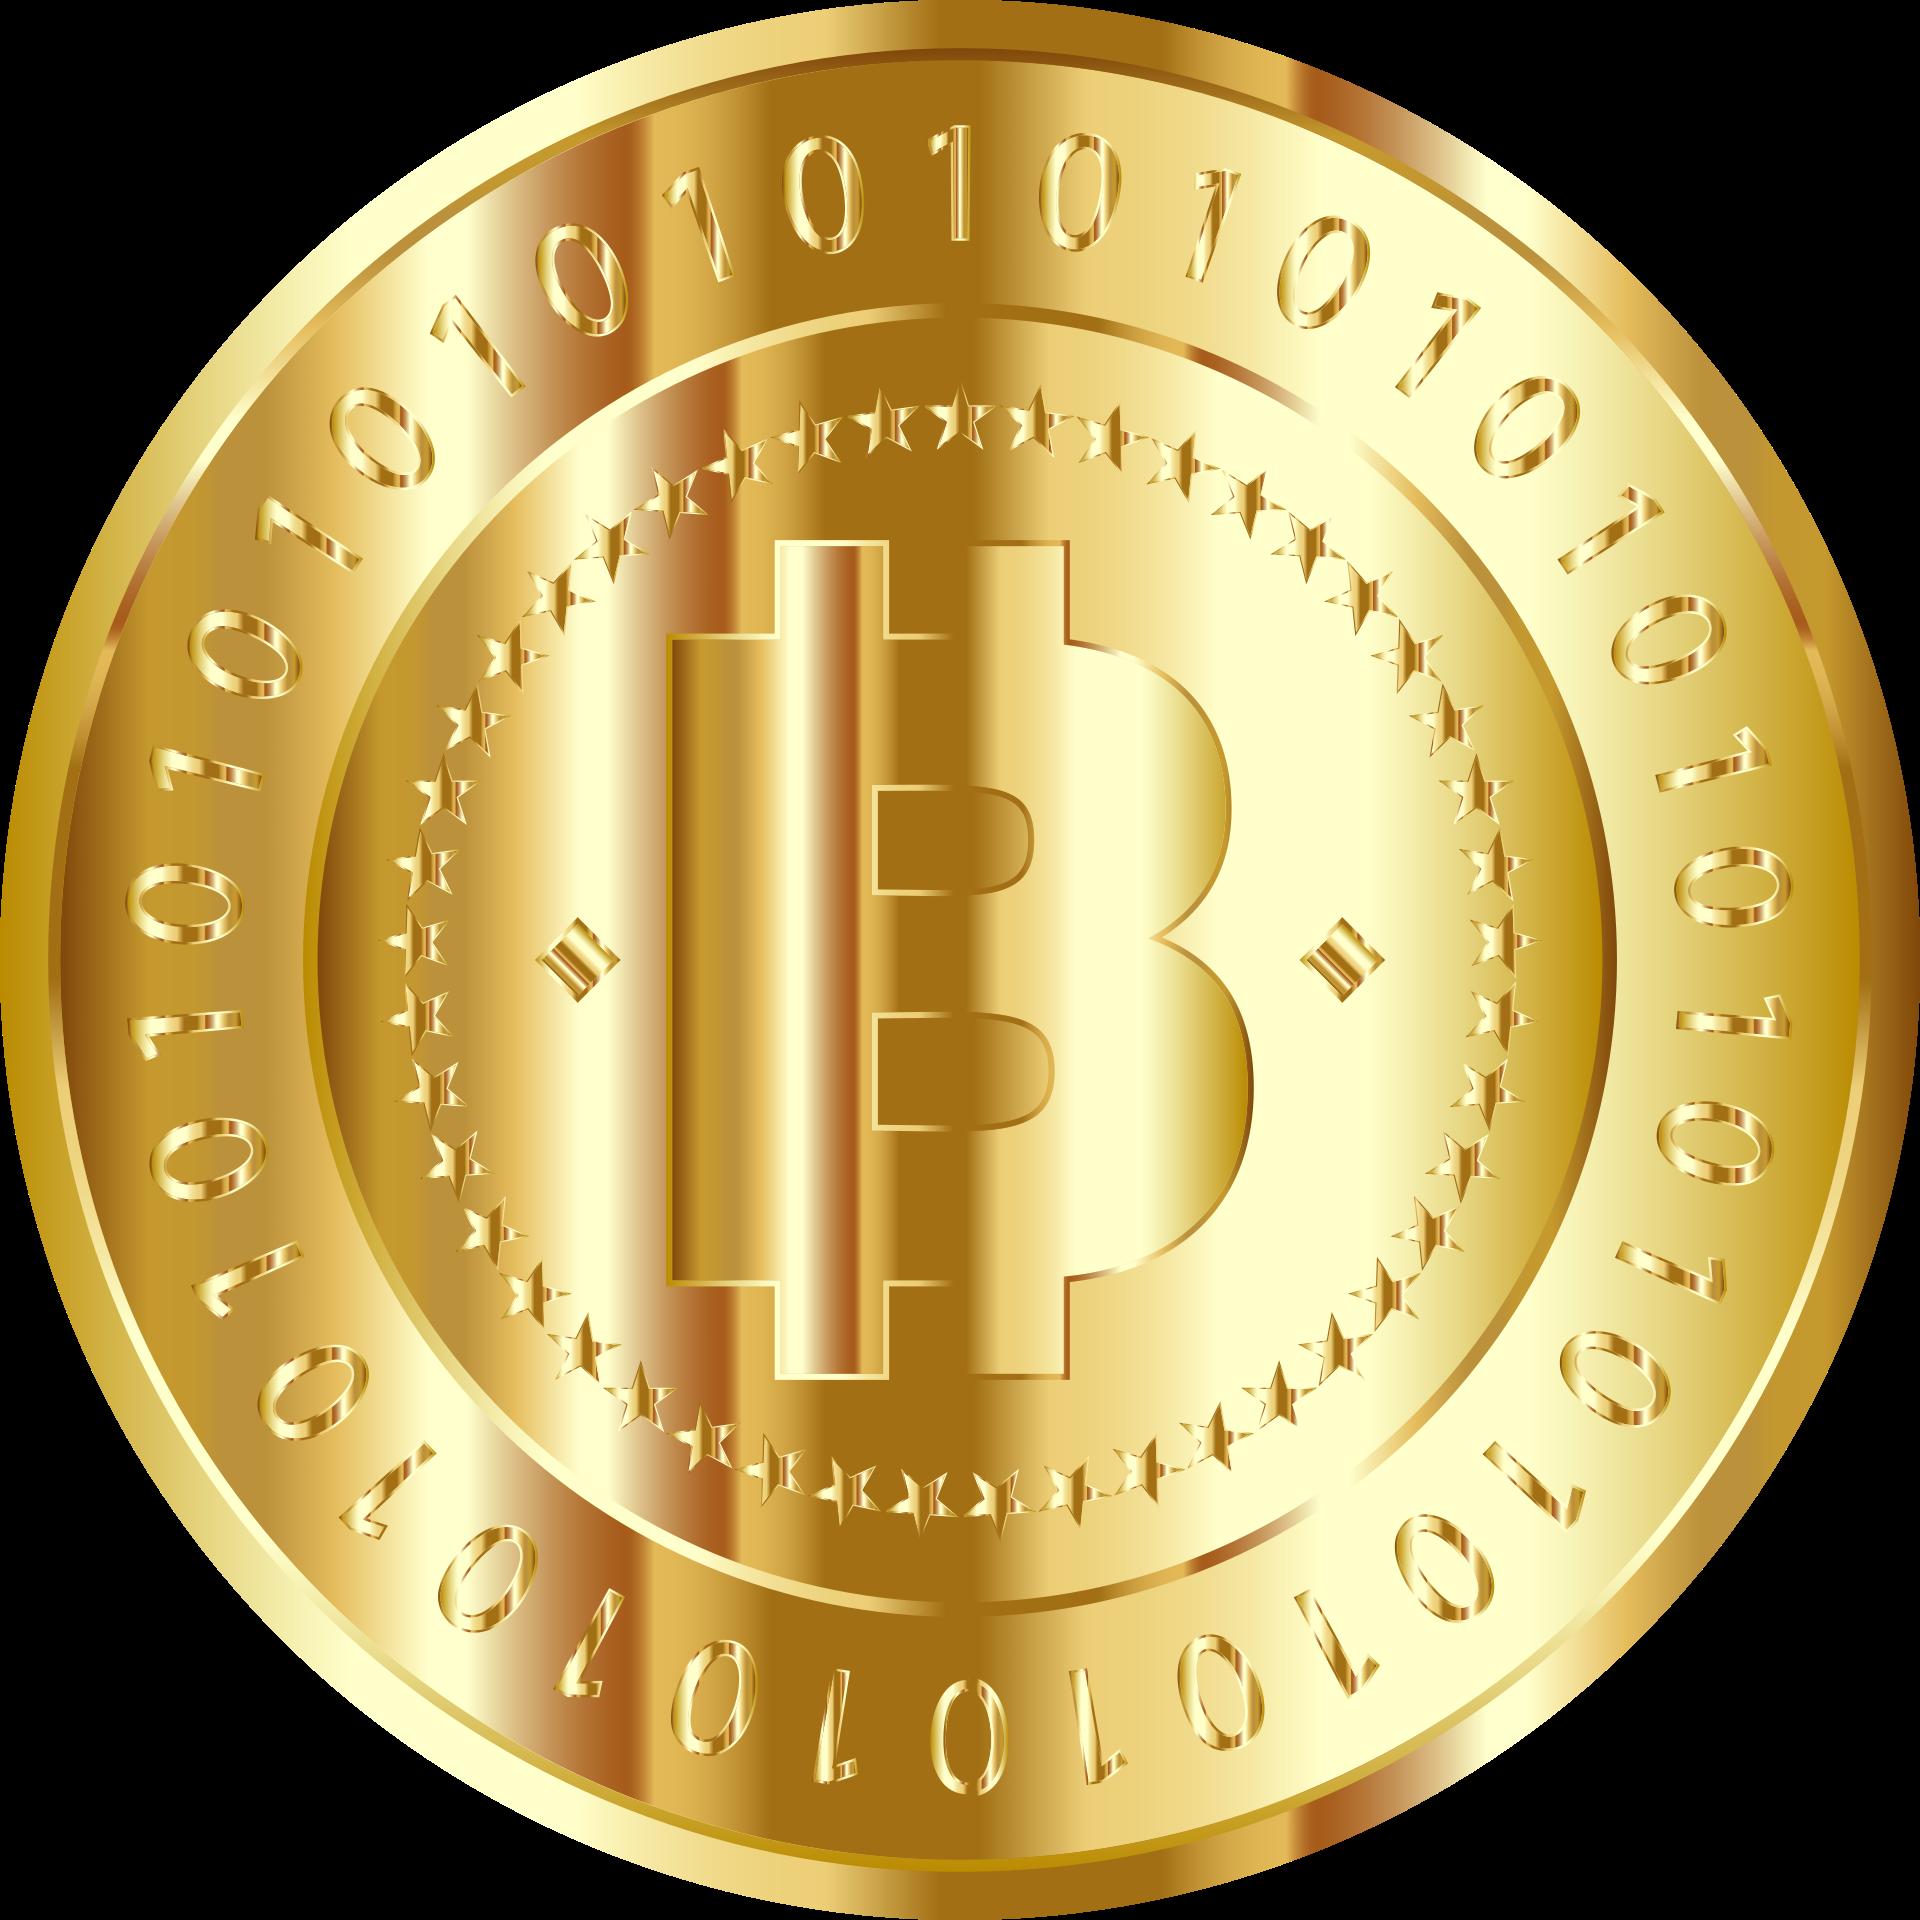 bitcoin-3105135